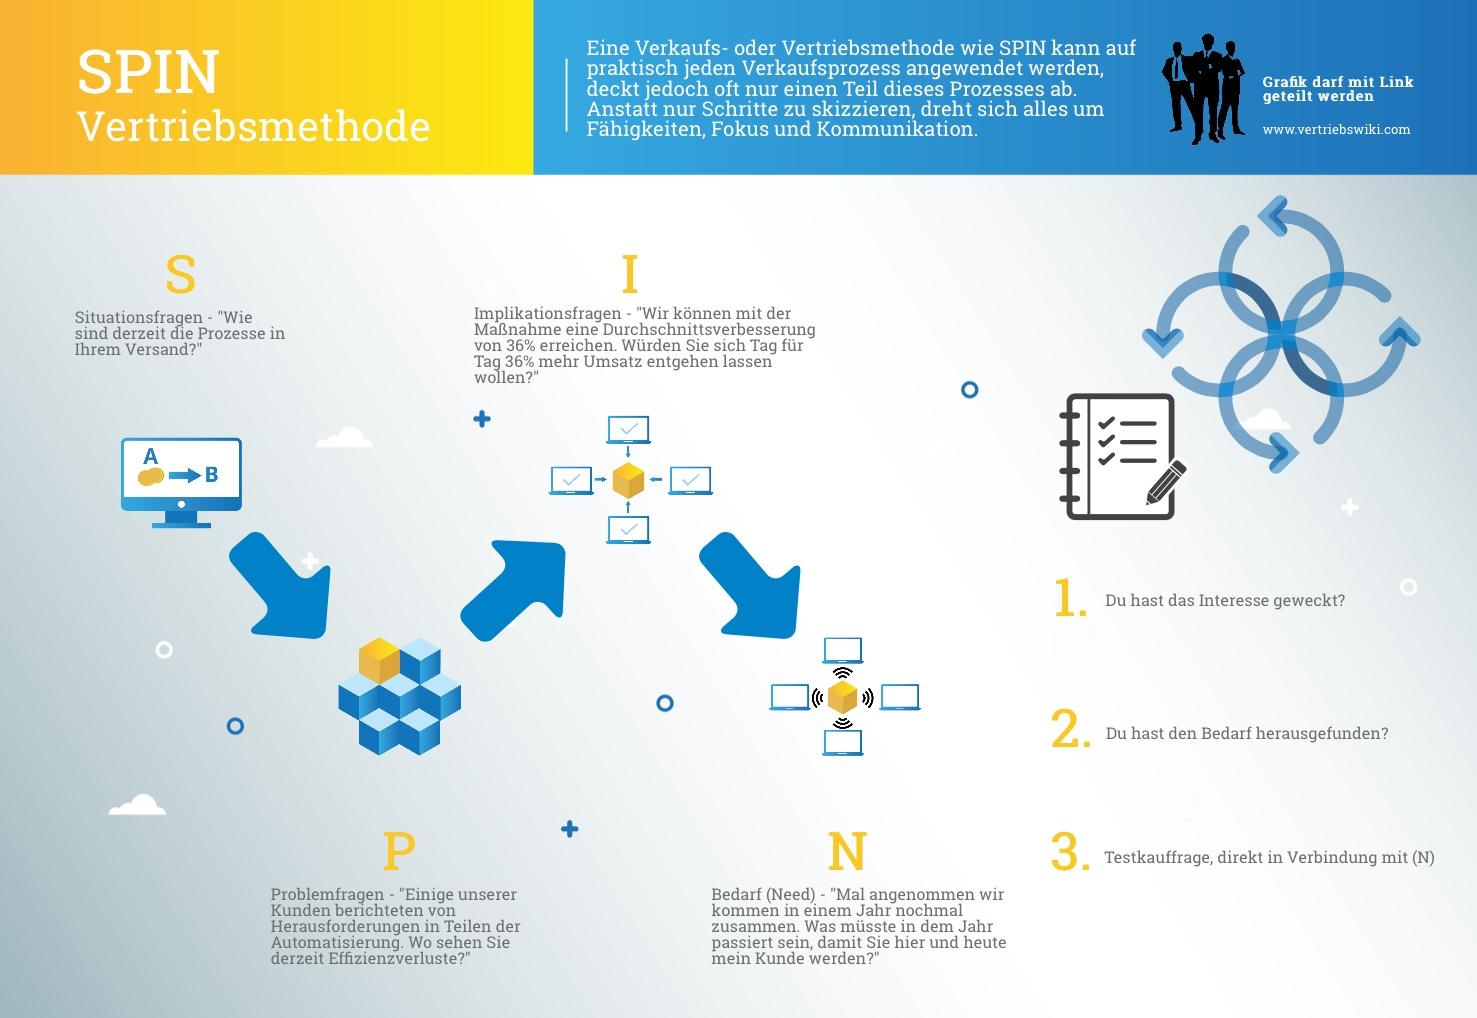 SPIN Infografik Arbeitsstil und Vertriebsmethode